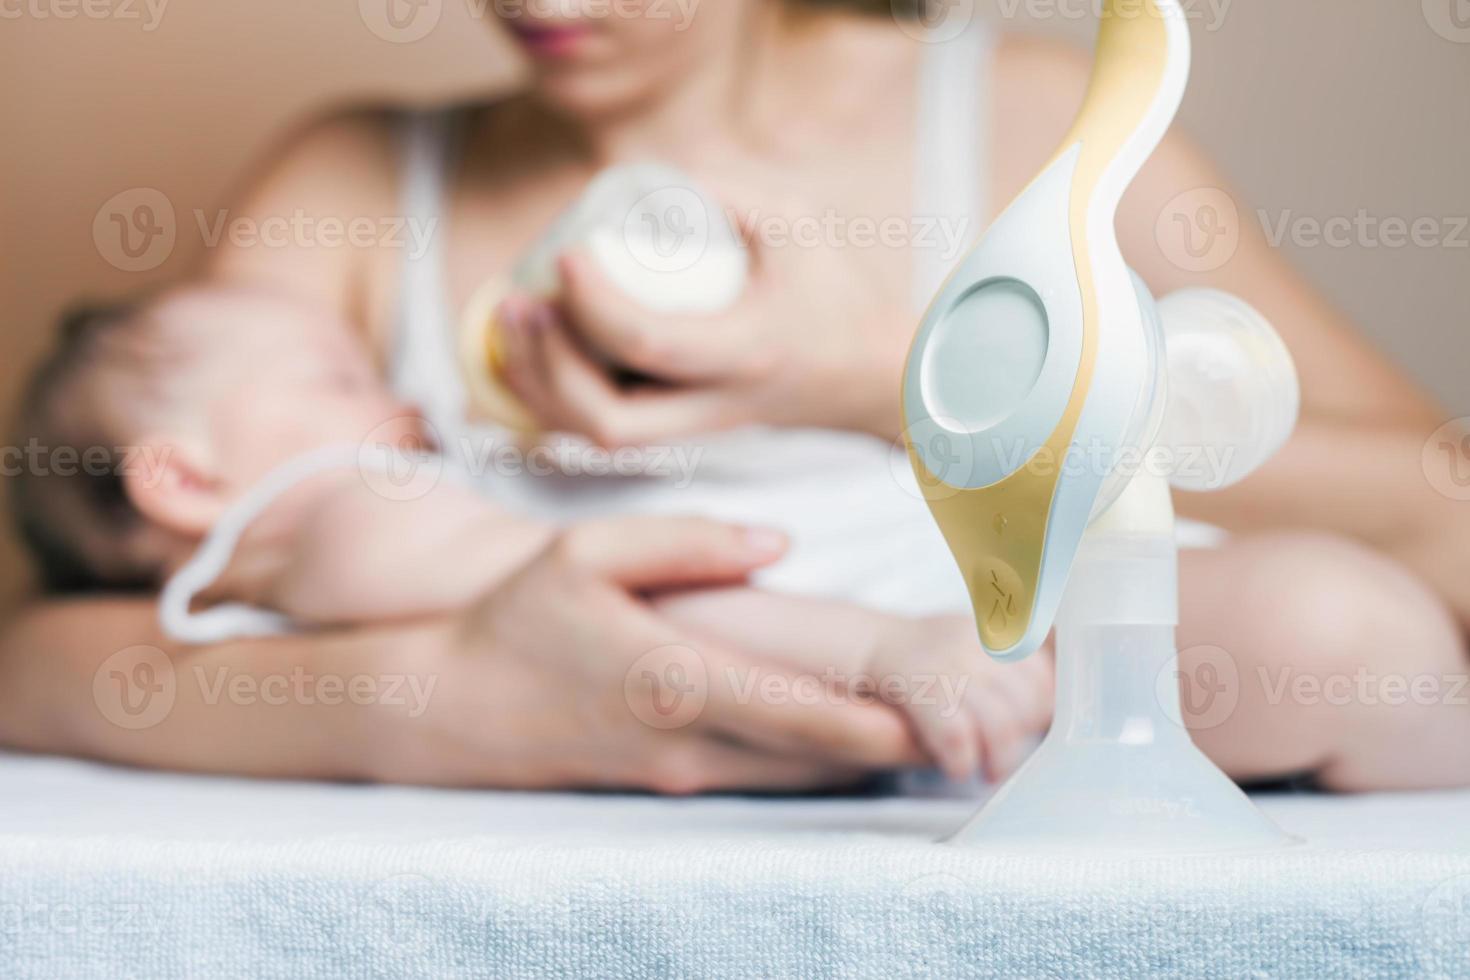 manuell bröstpump och mamma som matar ett nyfött barn foto